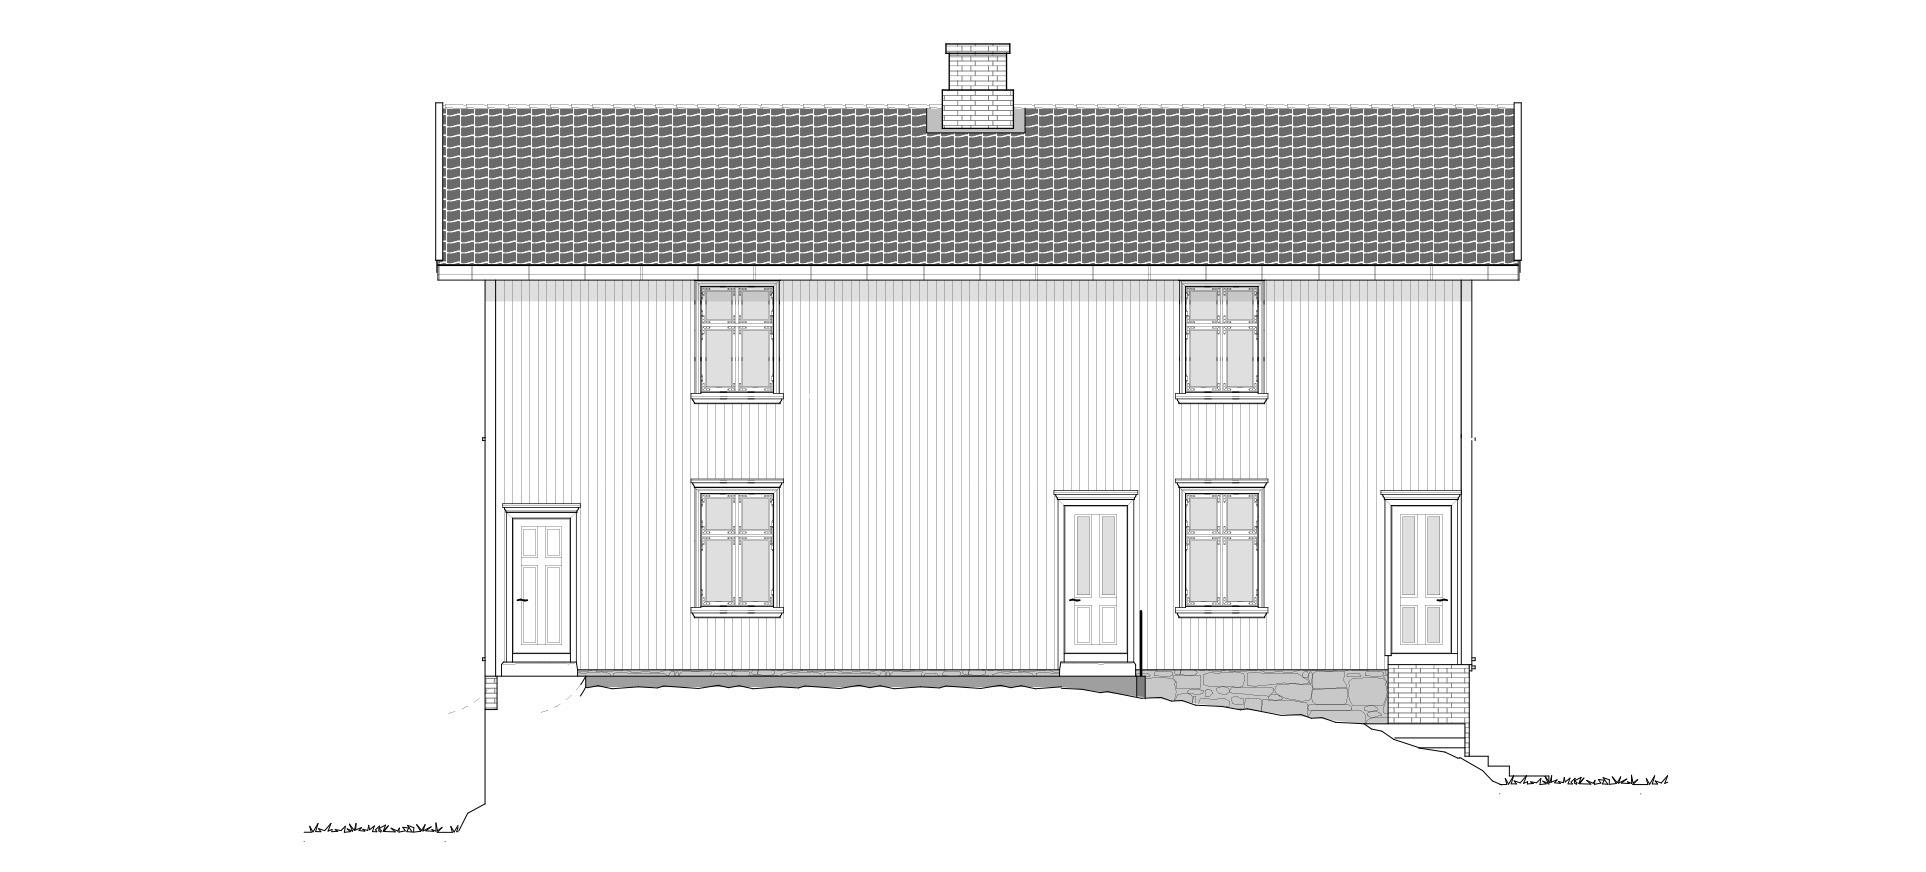 Gjestehuset fasade mot nord-vest. Tegning: Atle J. Goutbeek